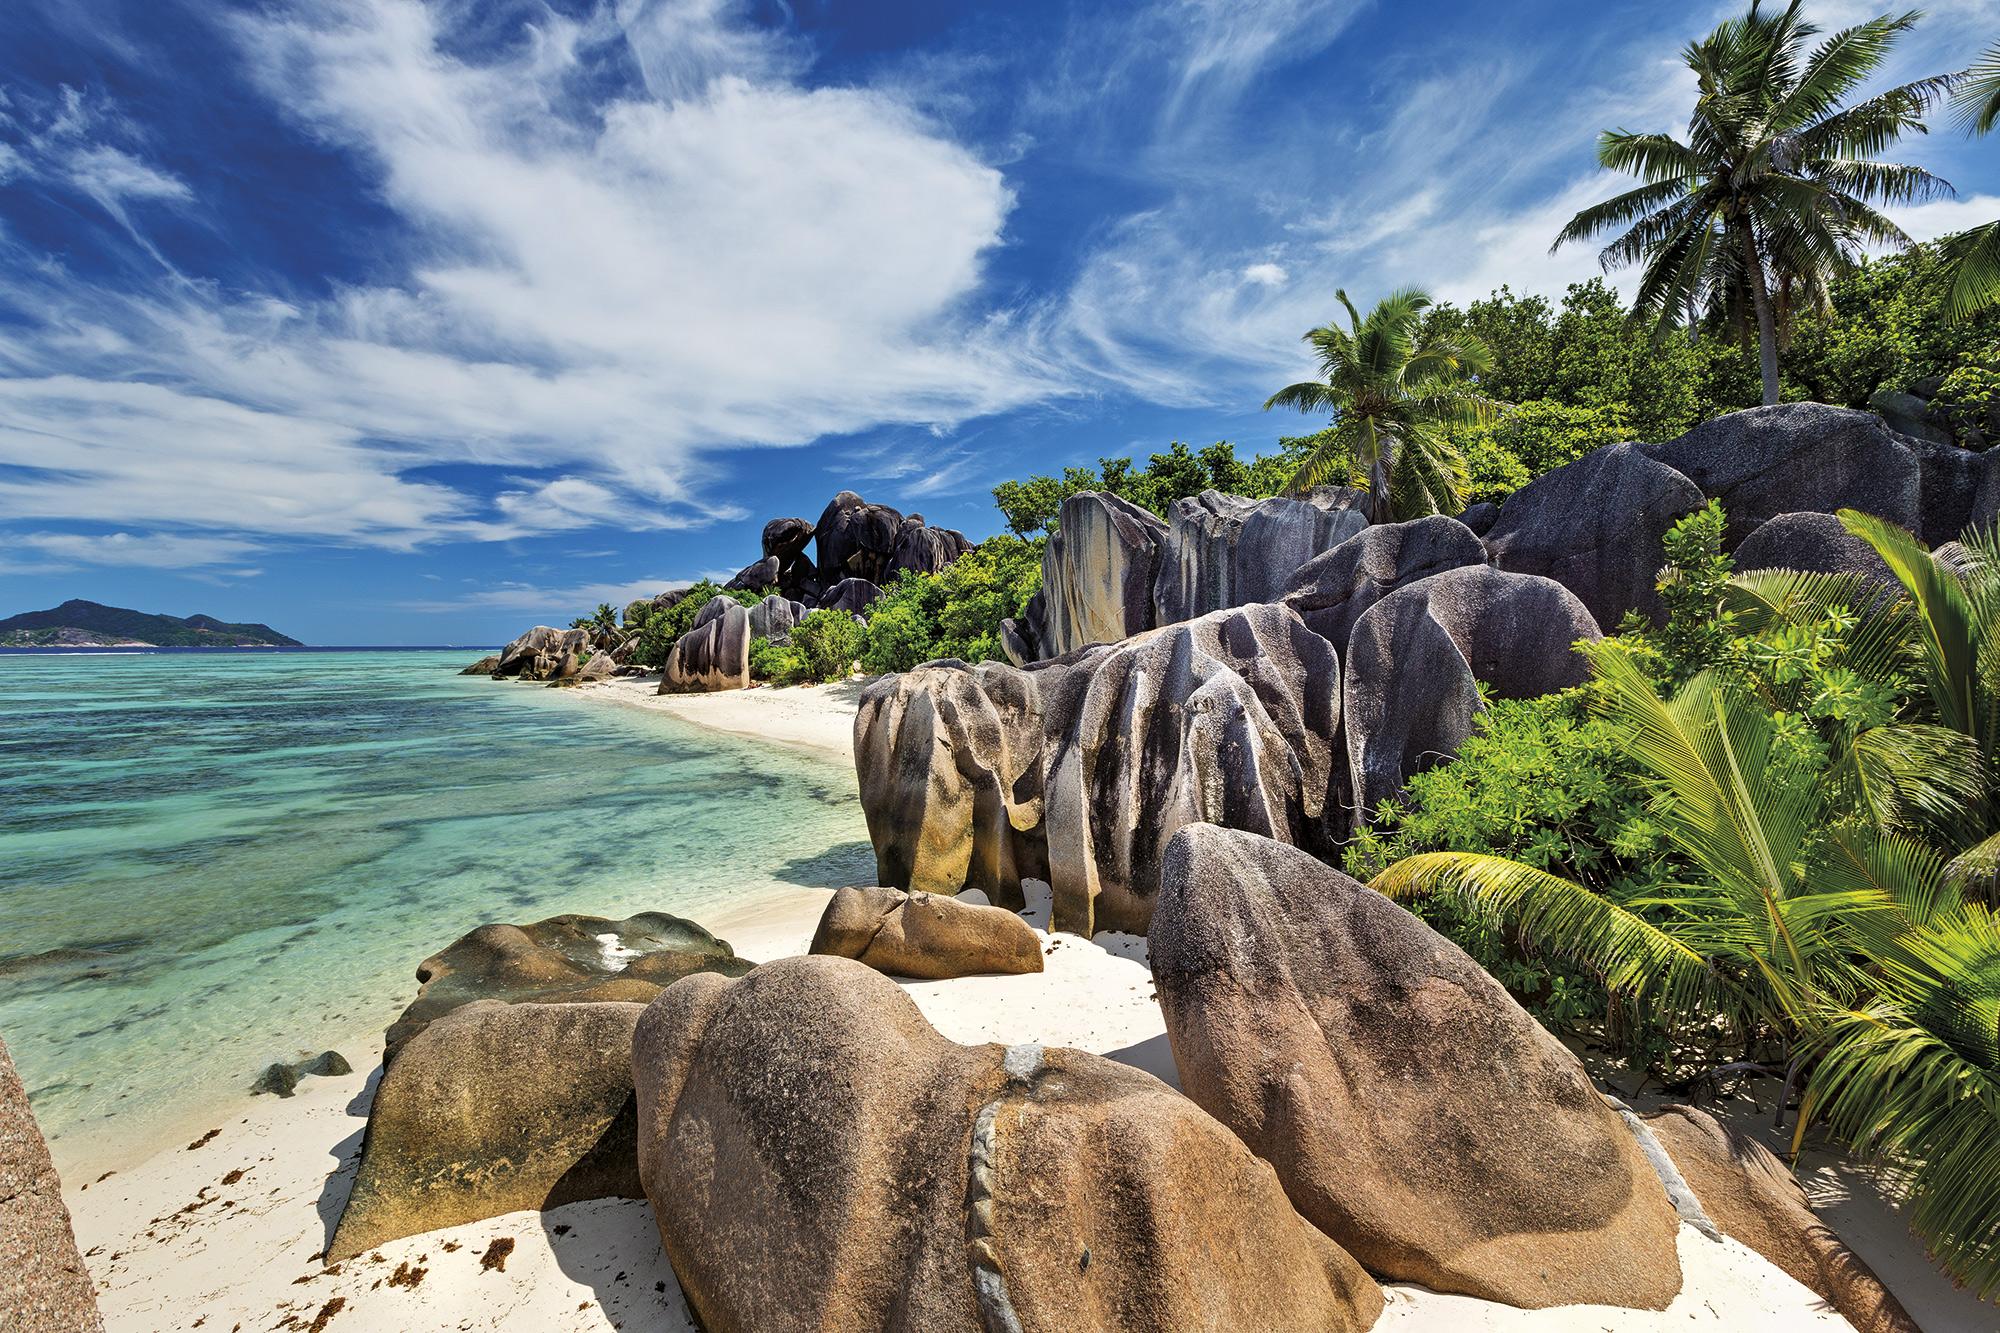 playa-source-anse-argent-seychelles. Playa Source Anse d'Argent (La Digue)